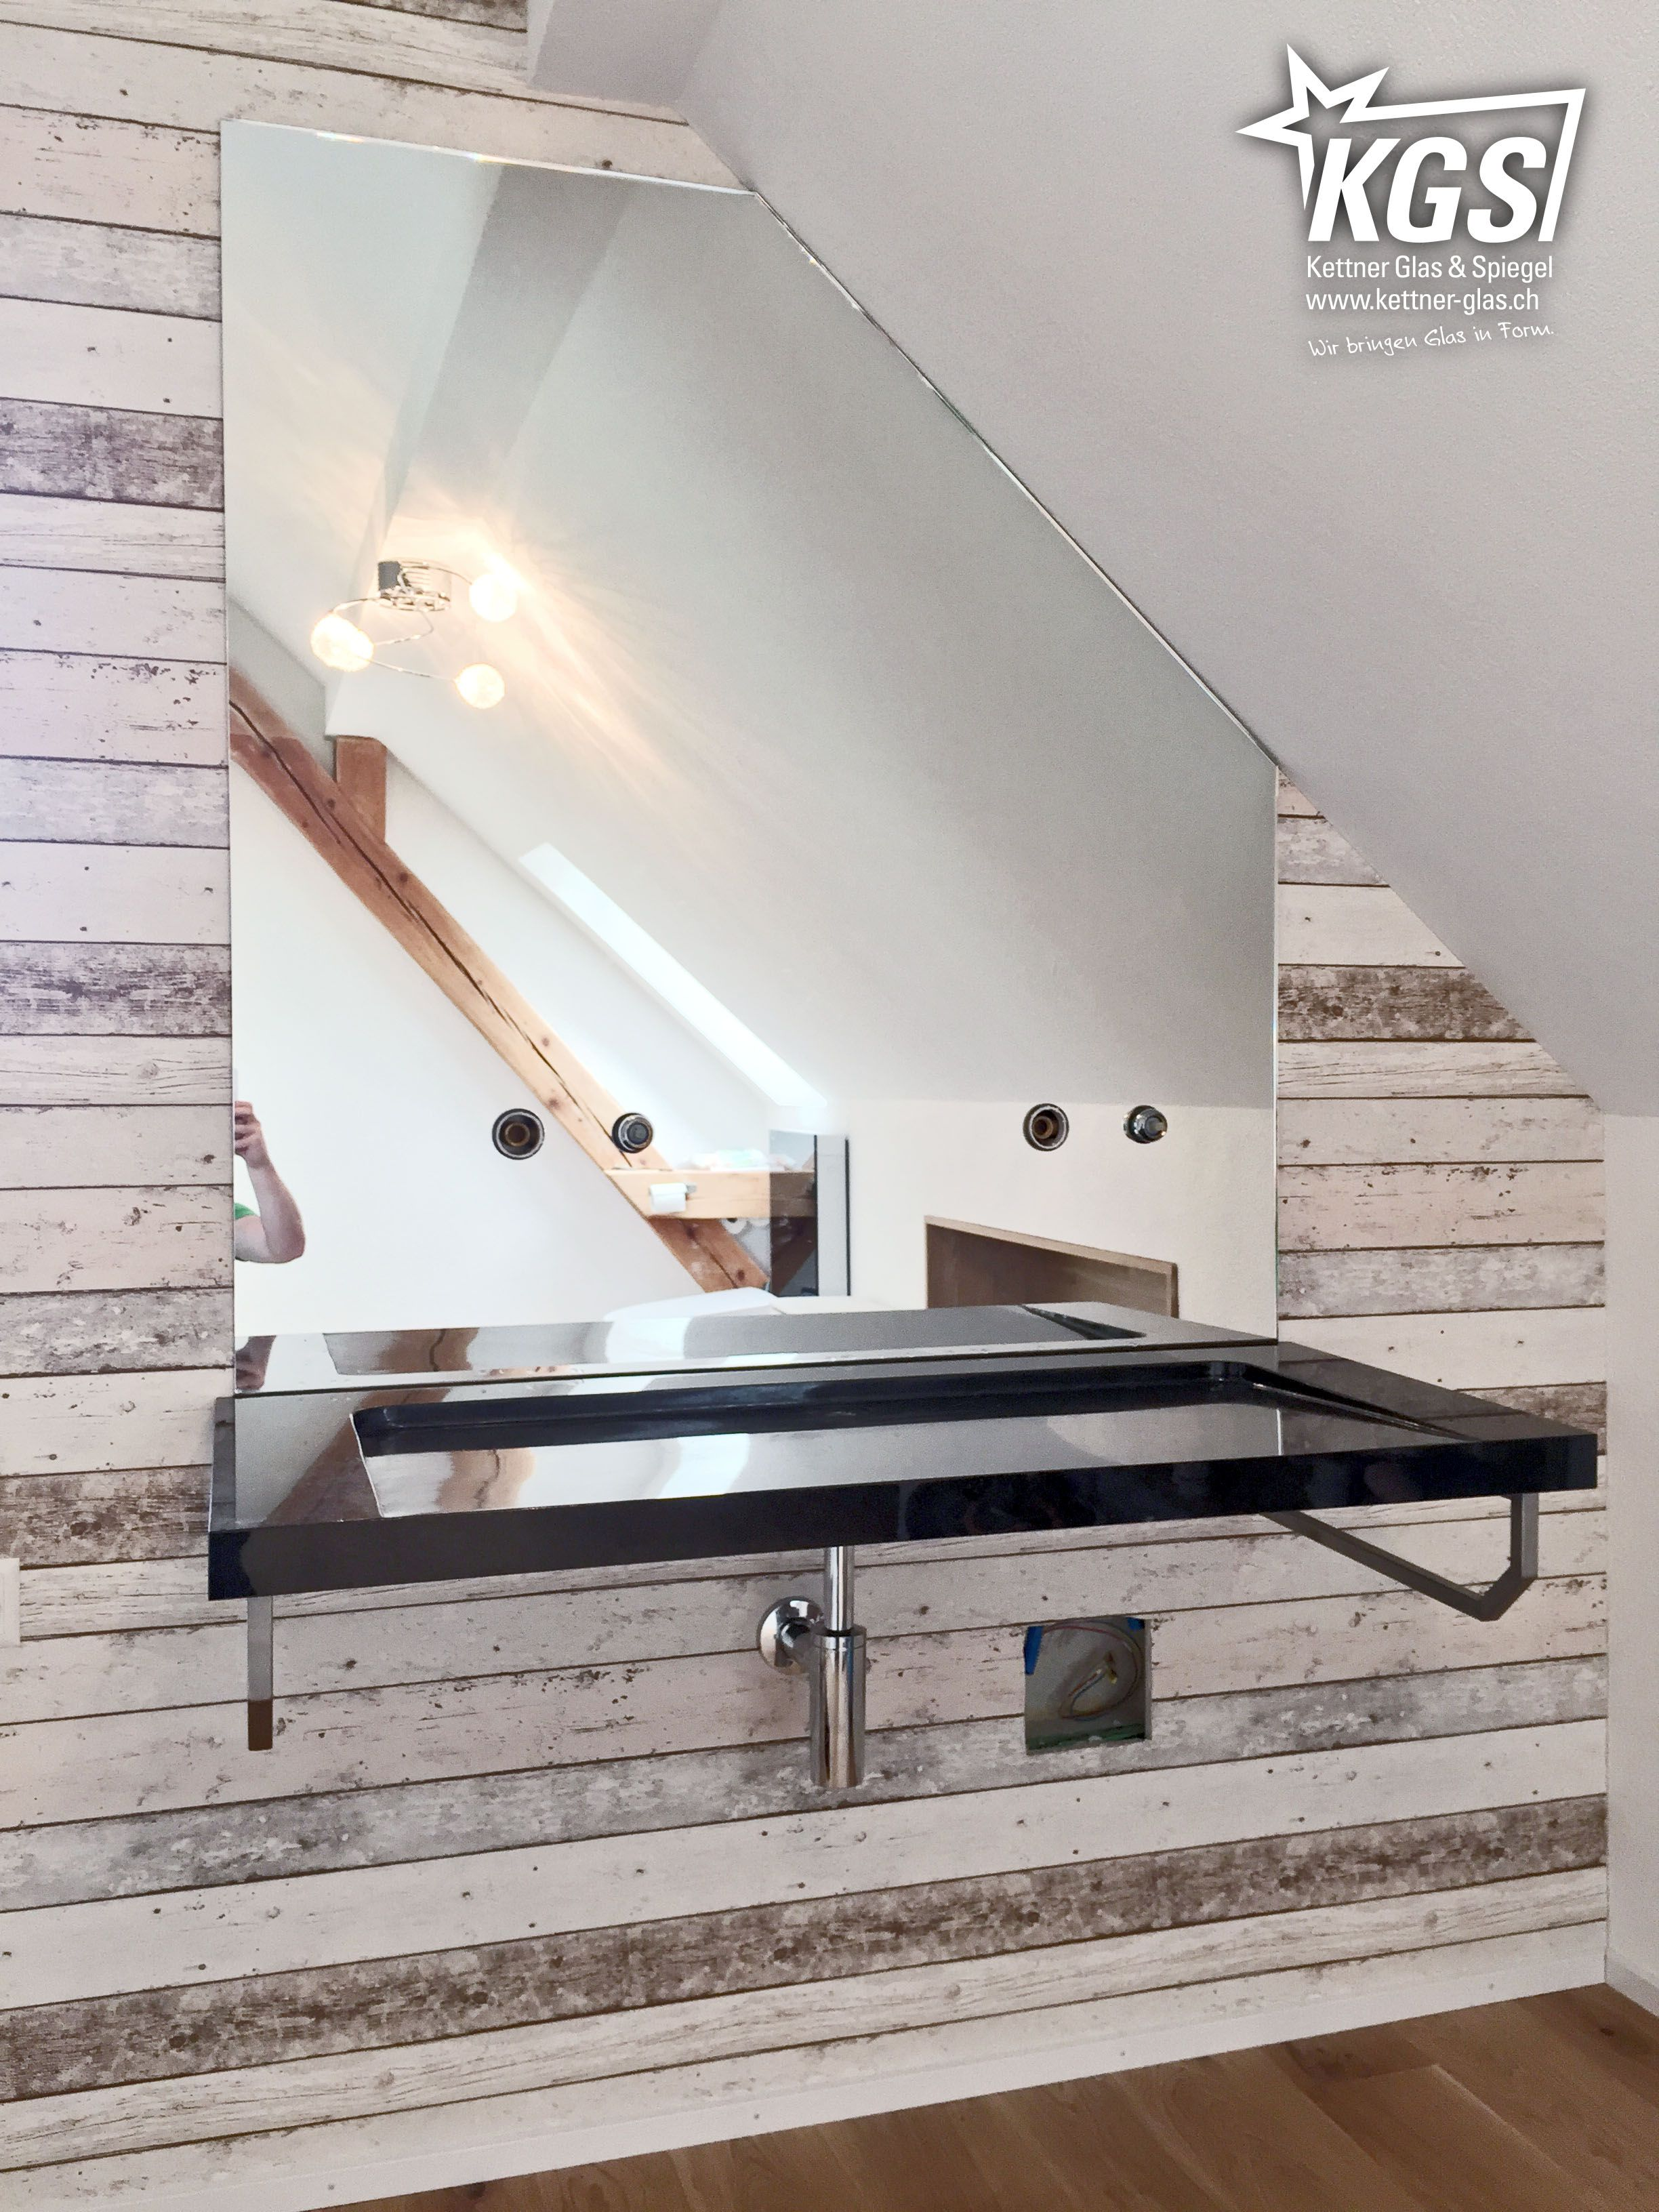 badezimmerspiegel mit eckabschnitt f r dachschr ge und lochbohrungen f r die wasserarmaturen. Black Bedroom Furniture Sets. Home Design Ideas